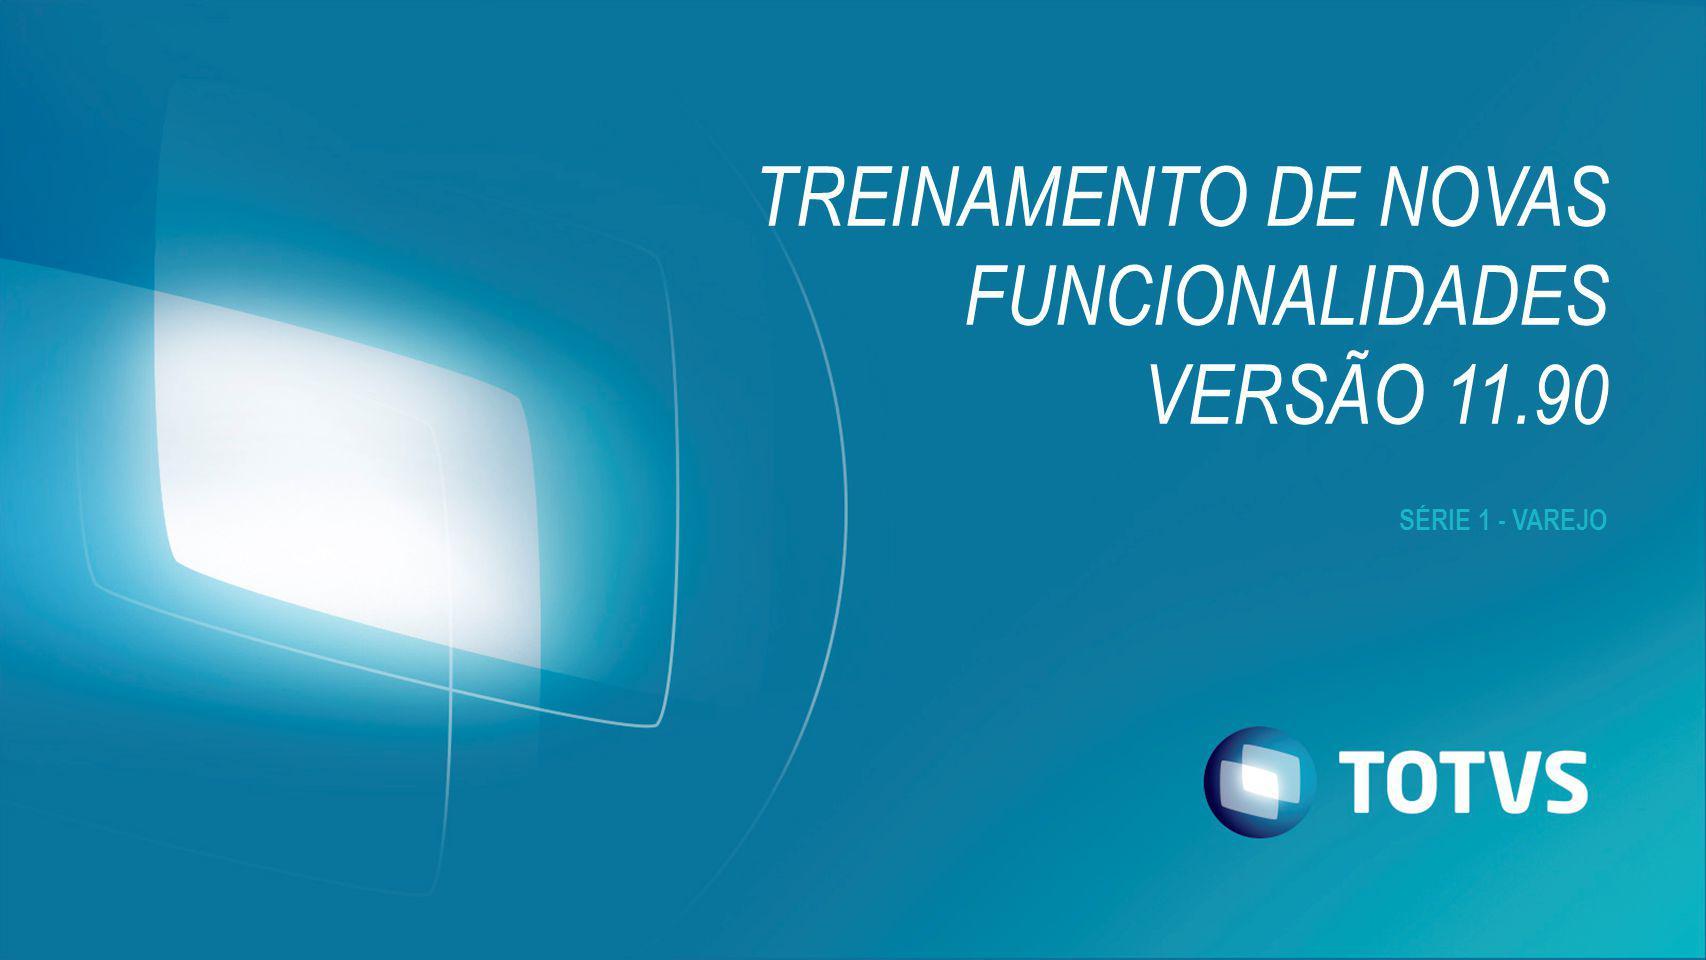 Treinamento de novas funcionalidades Versão 11.90